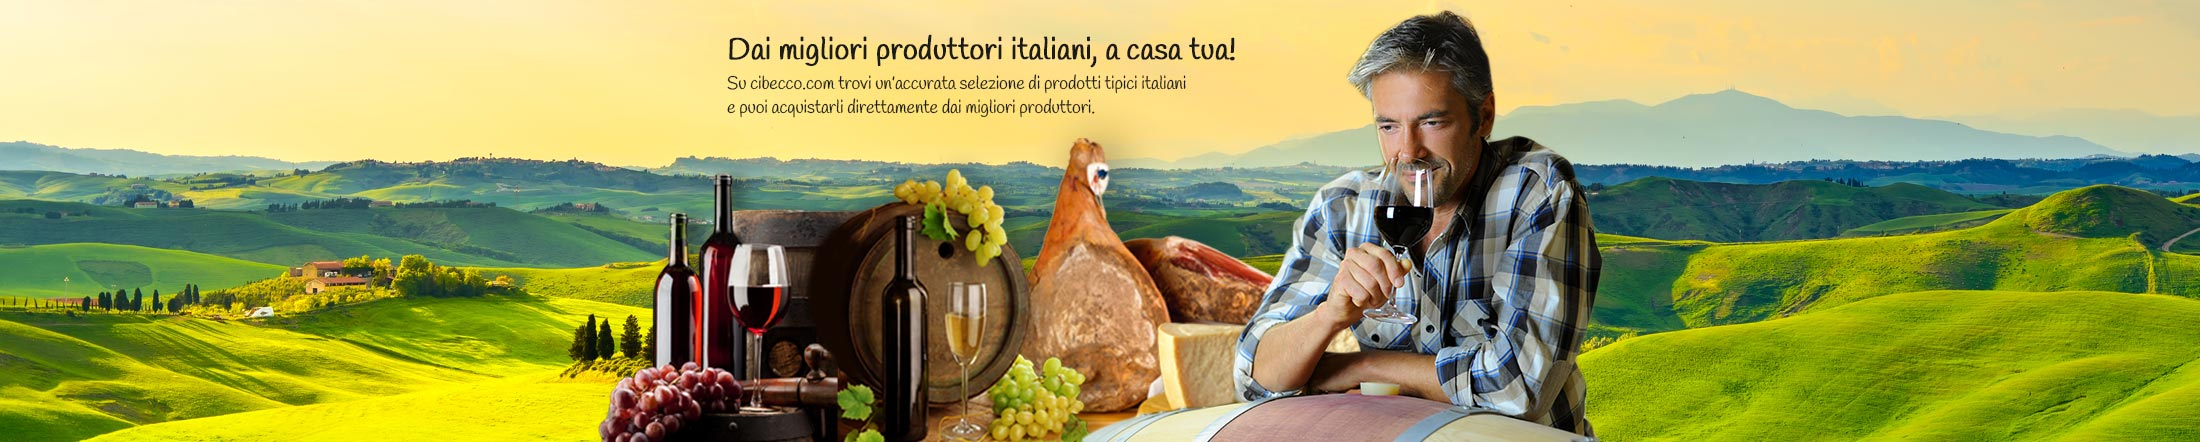 Acquista Online i Migliori Prodotti Tipici Italiani Direttamente dai Produttori